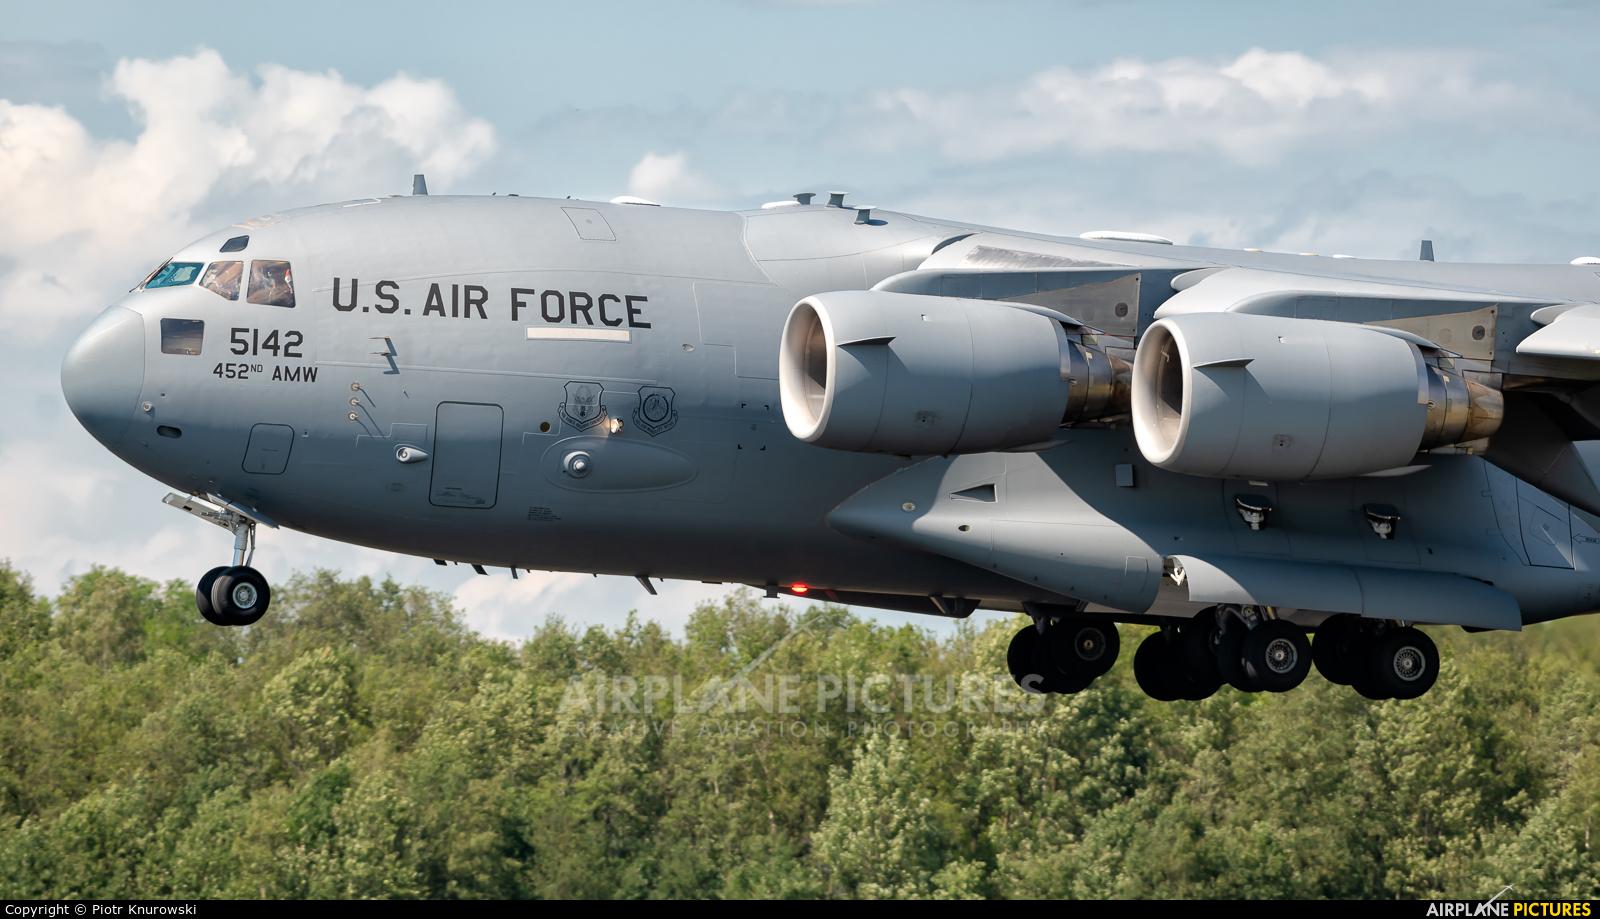 USA - Air Force 05-5142 aircraft at Uden - Volkel